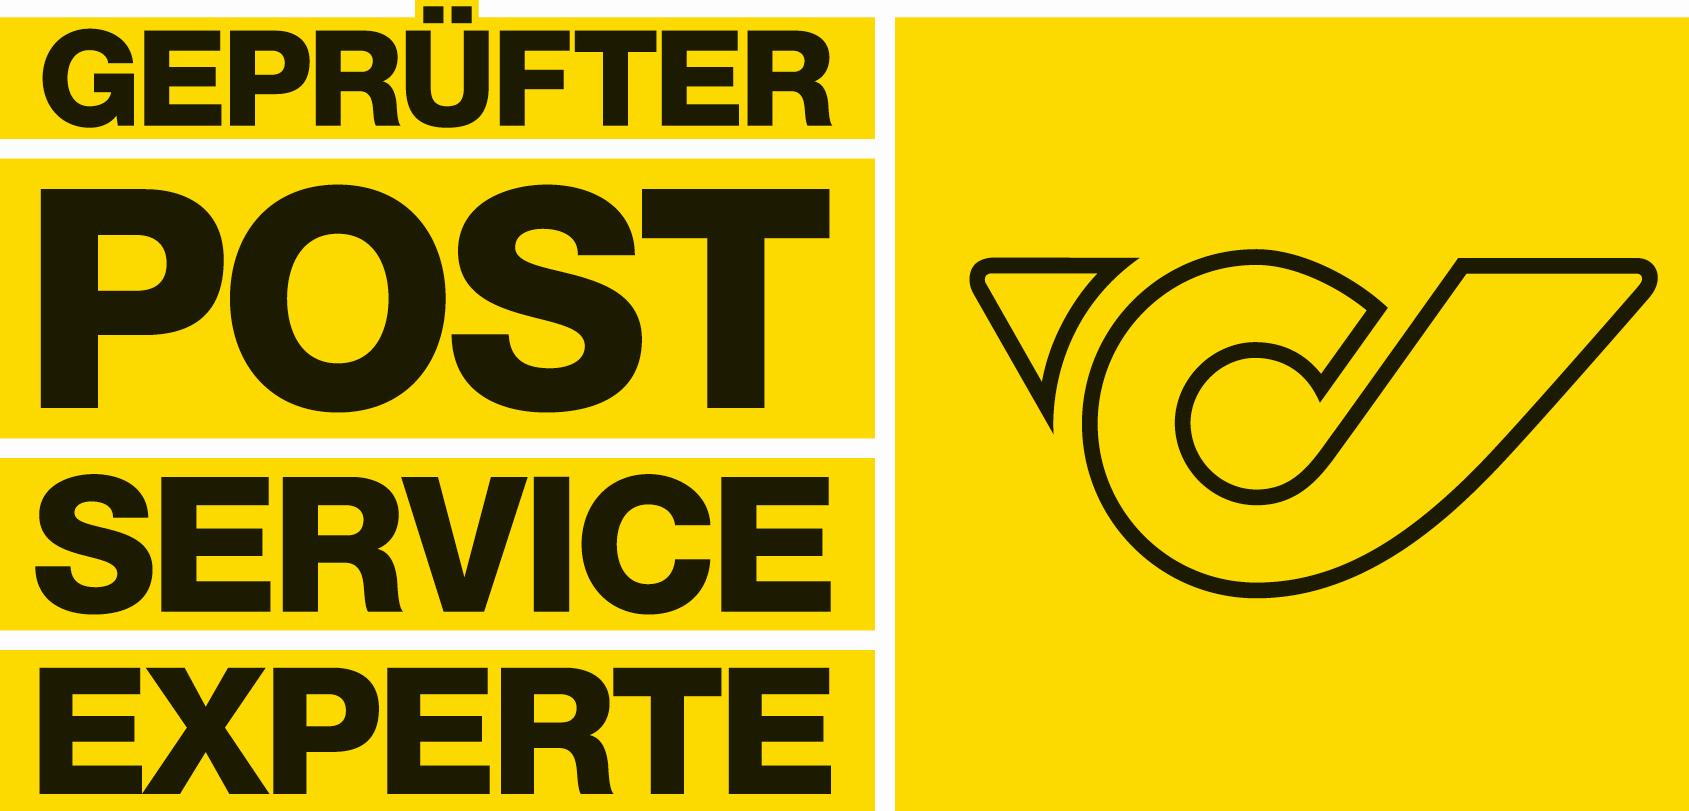 """Zertifikat der Österreichischen Post """"Geprüfter Post Service Experte"""""""